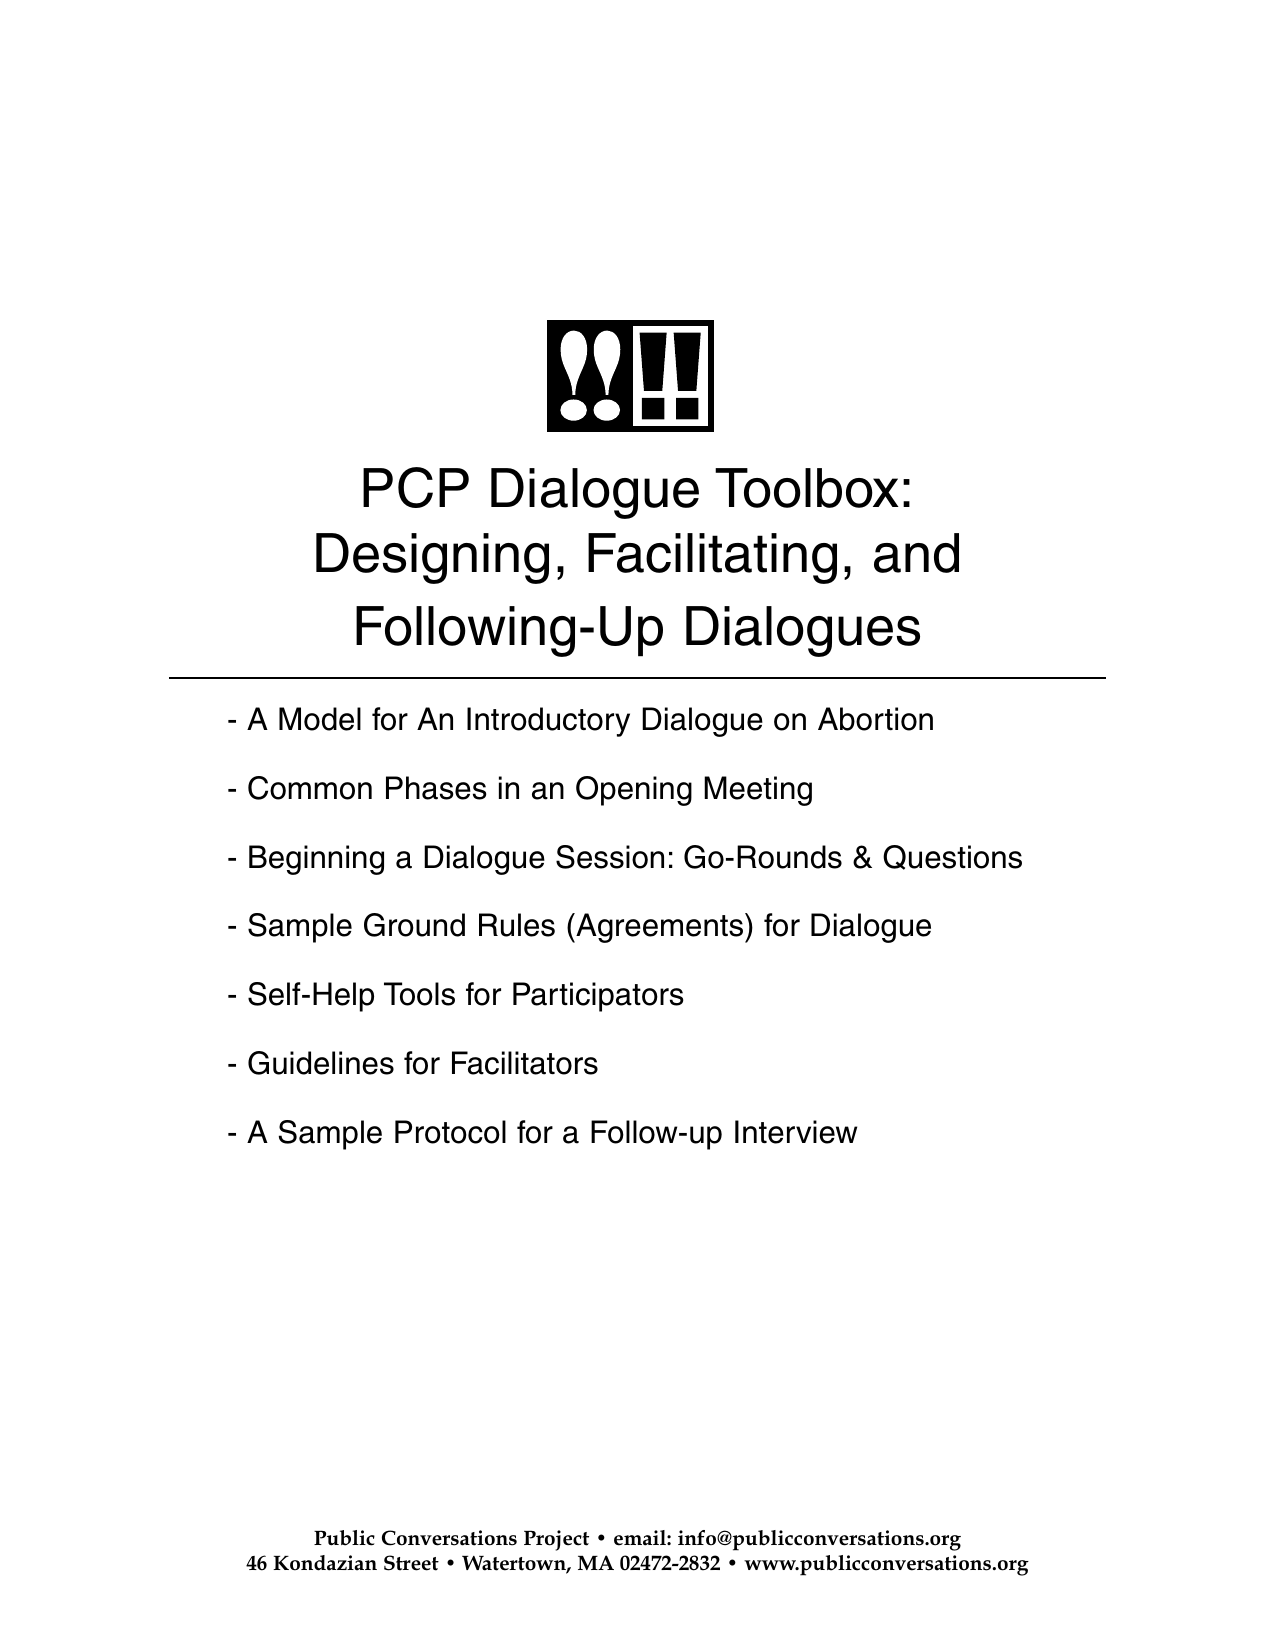 PCP Dialogue Toolbox: Designing, Facilitating, and Following